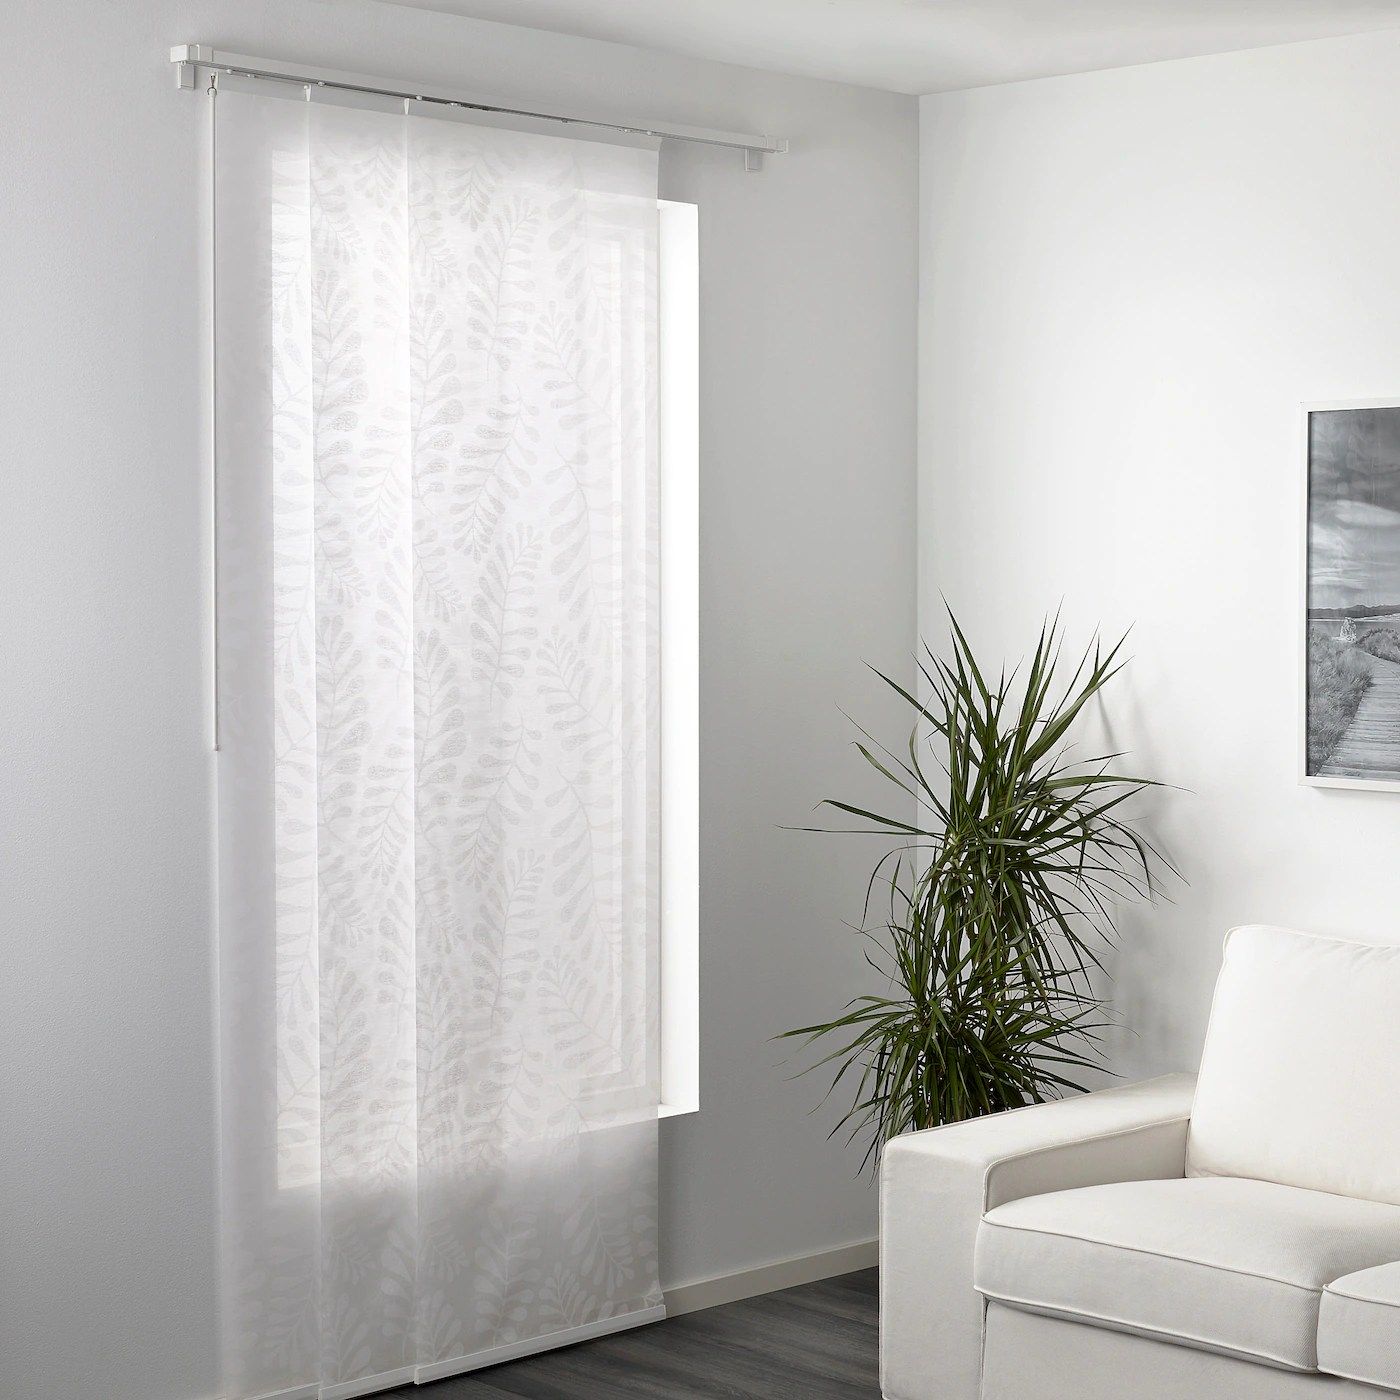 tende a pannello ikea in vendita in arredamento e casalinghi: Yrla Tenda A Pannello Bianco Bianco 60x300 Cm Ikea Svizzera